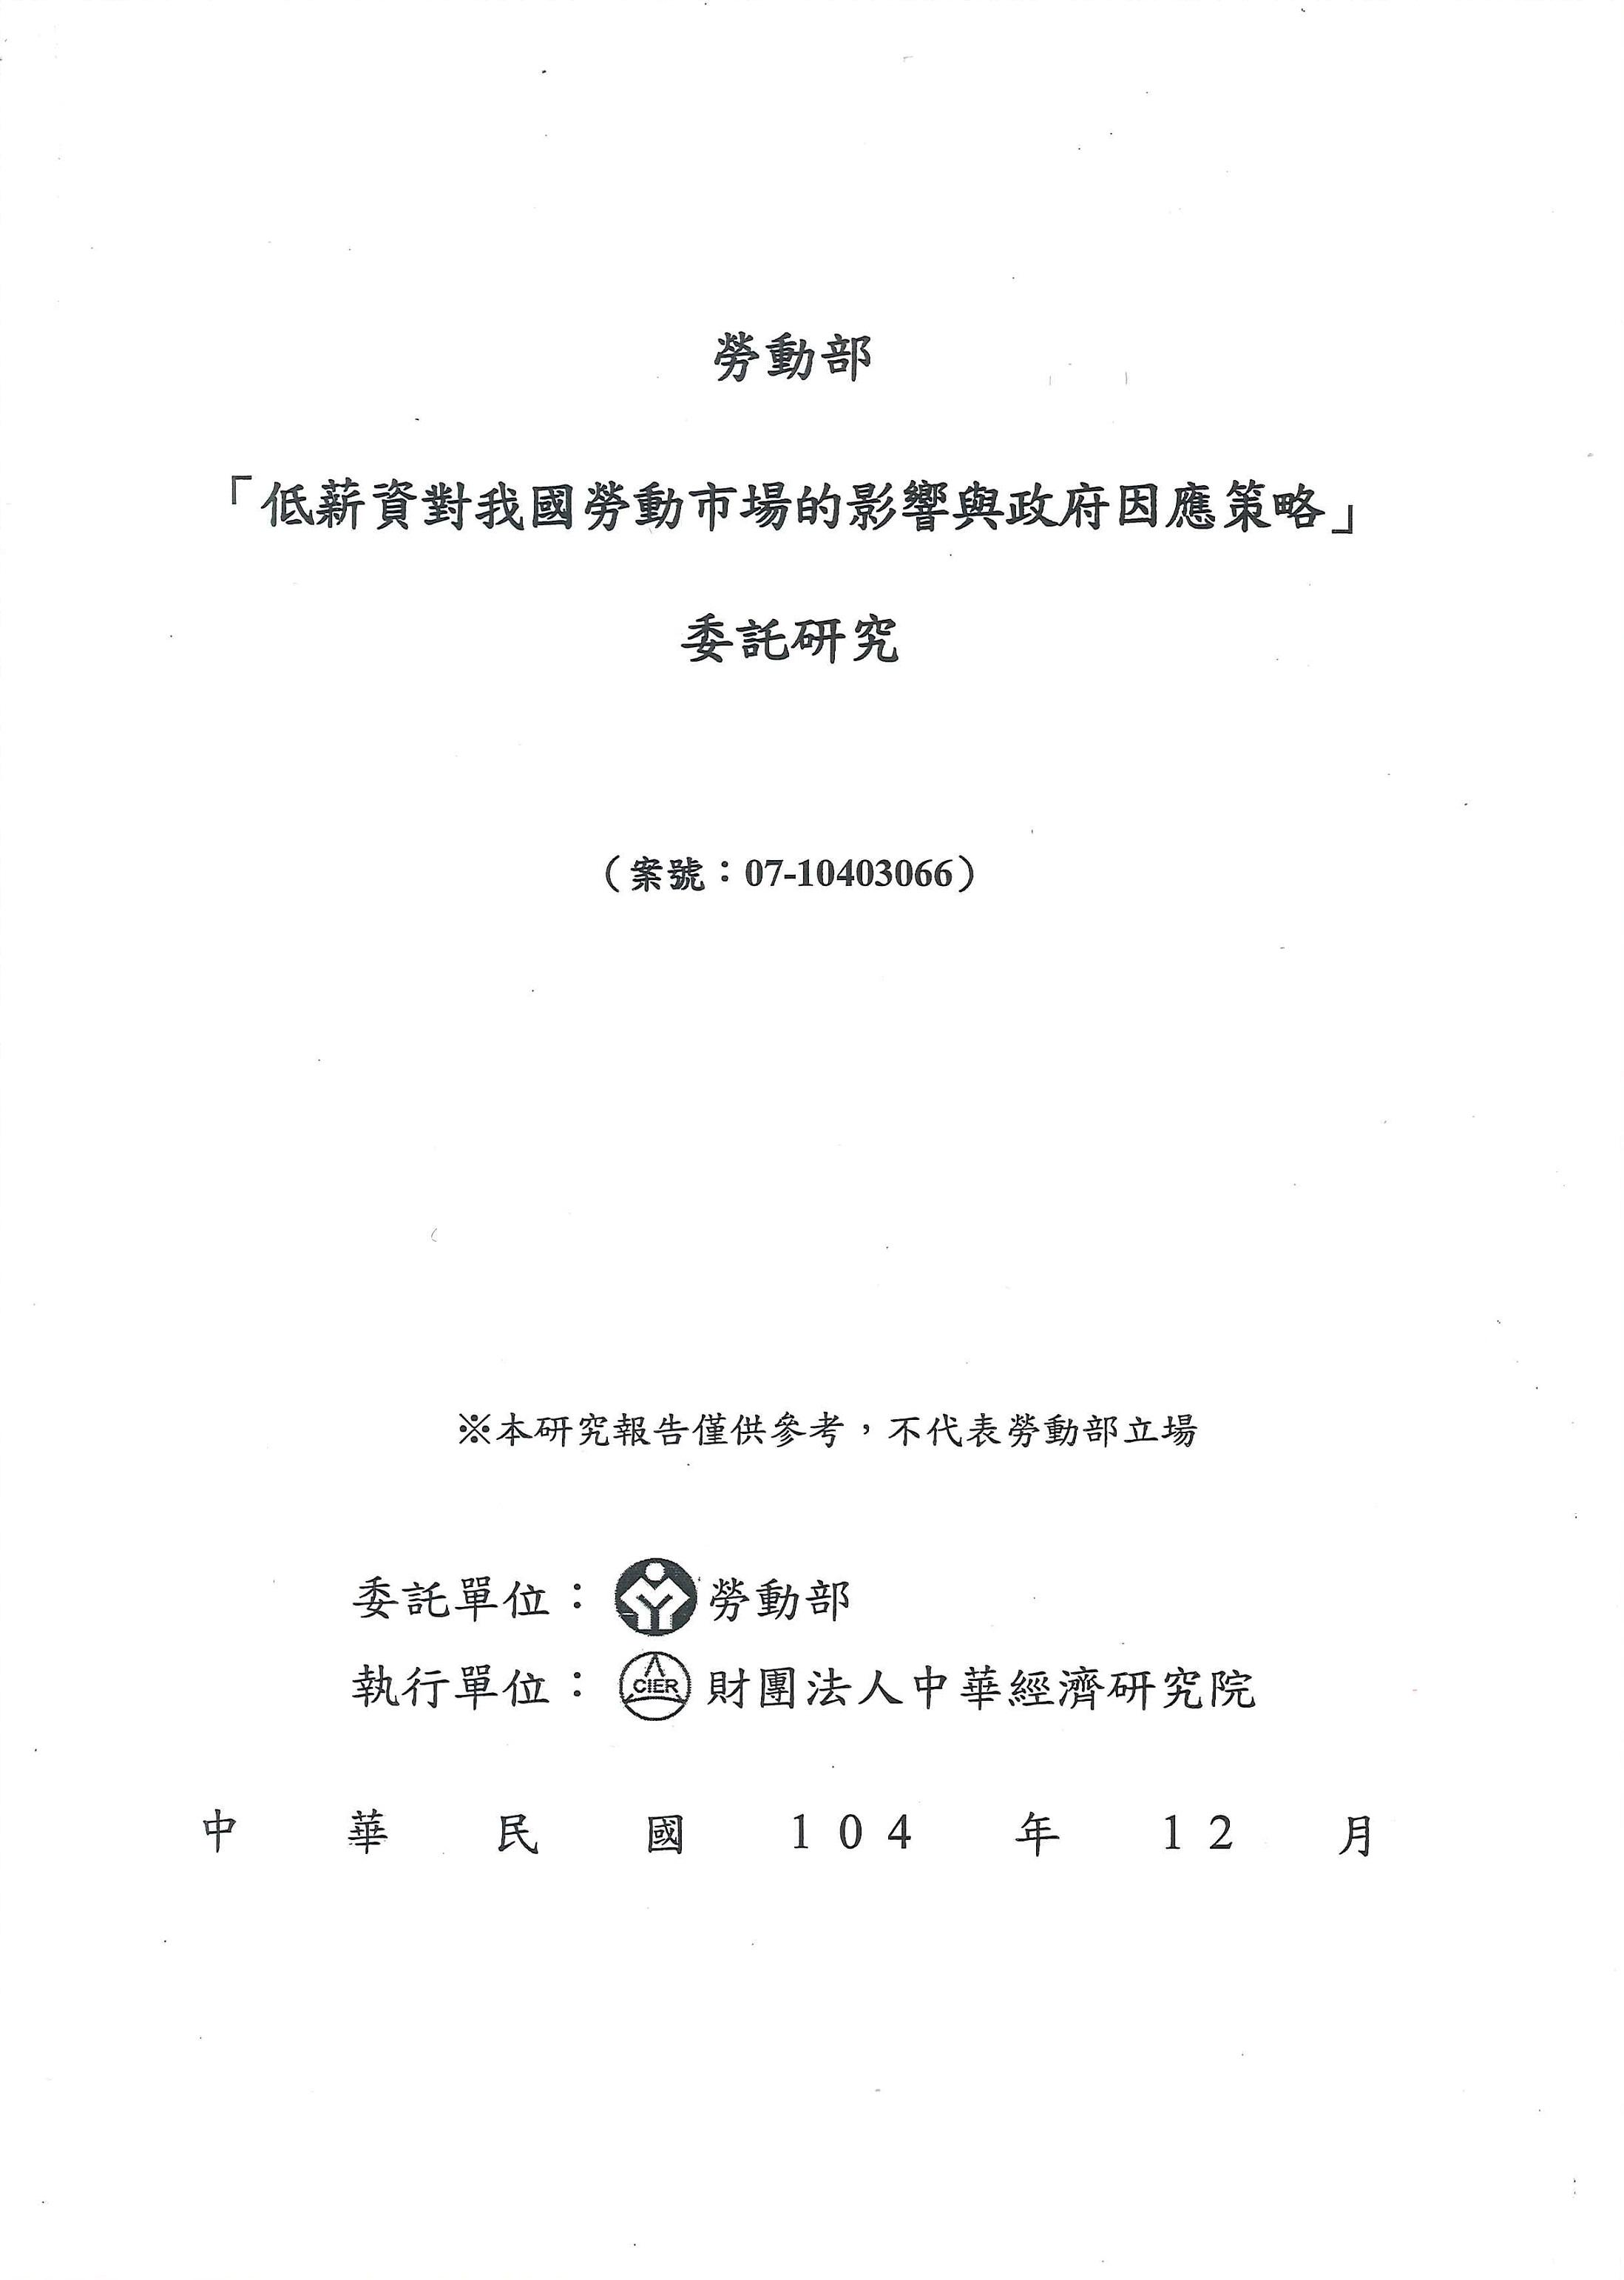 勞動部「低薪資對我國勞動市場的影響與政府因應策略」委託研究